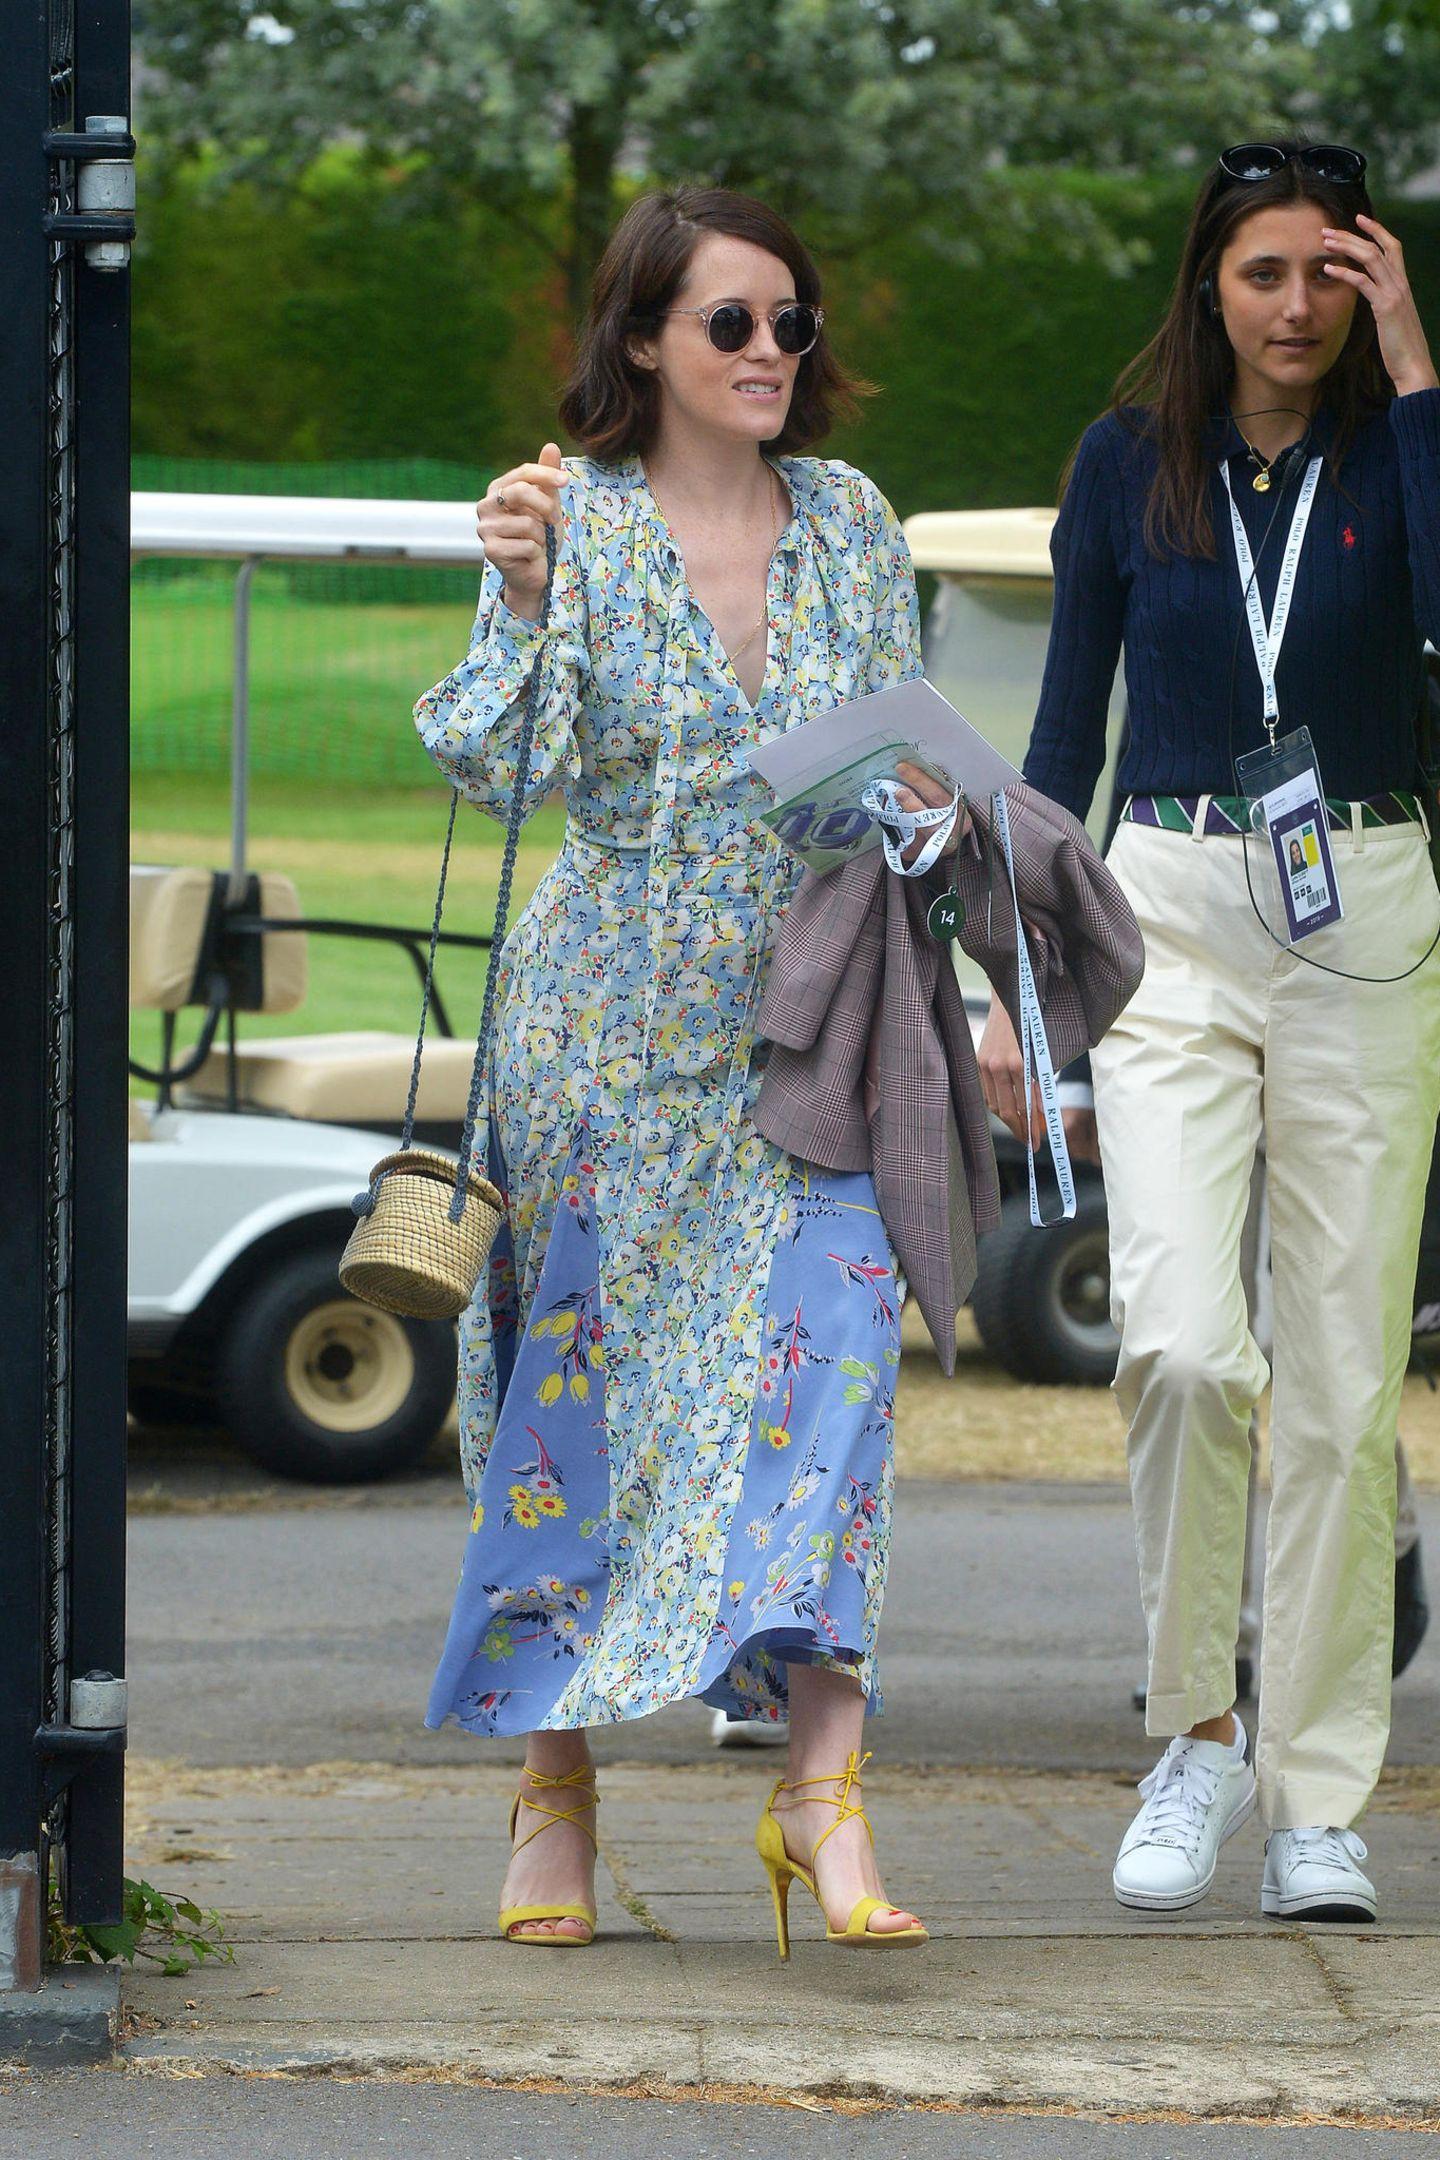 """Als Queen Elizabeth feiert sie in der Serie """"The Crown"""" große Erfolge. Auch Abseits des Filmsets kann sich Claire Foy sehen lassen und kommt in einem floralen Dress samt einer geflochtenen It-Bag zum Tennisfinale."""